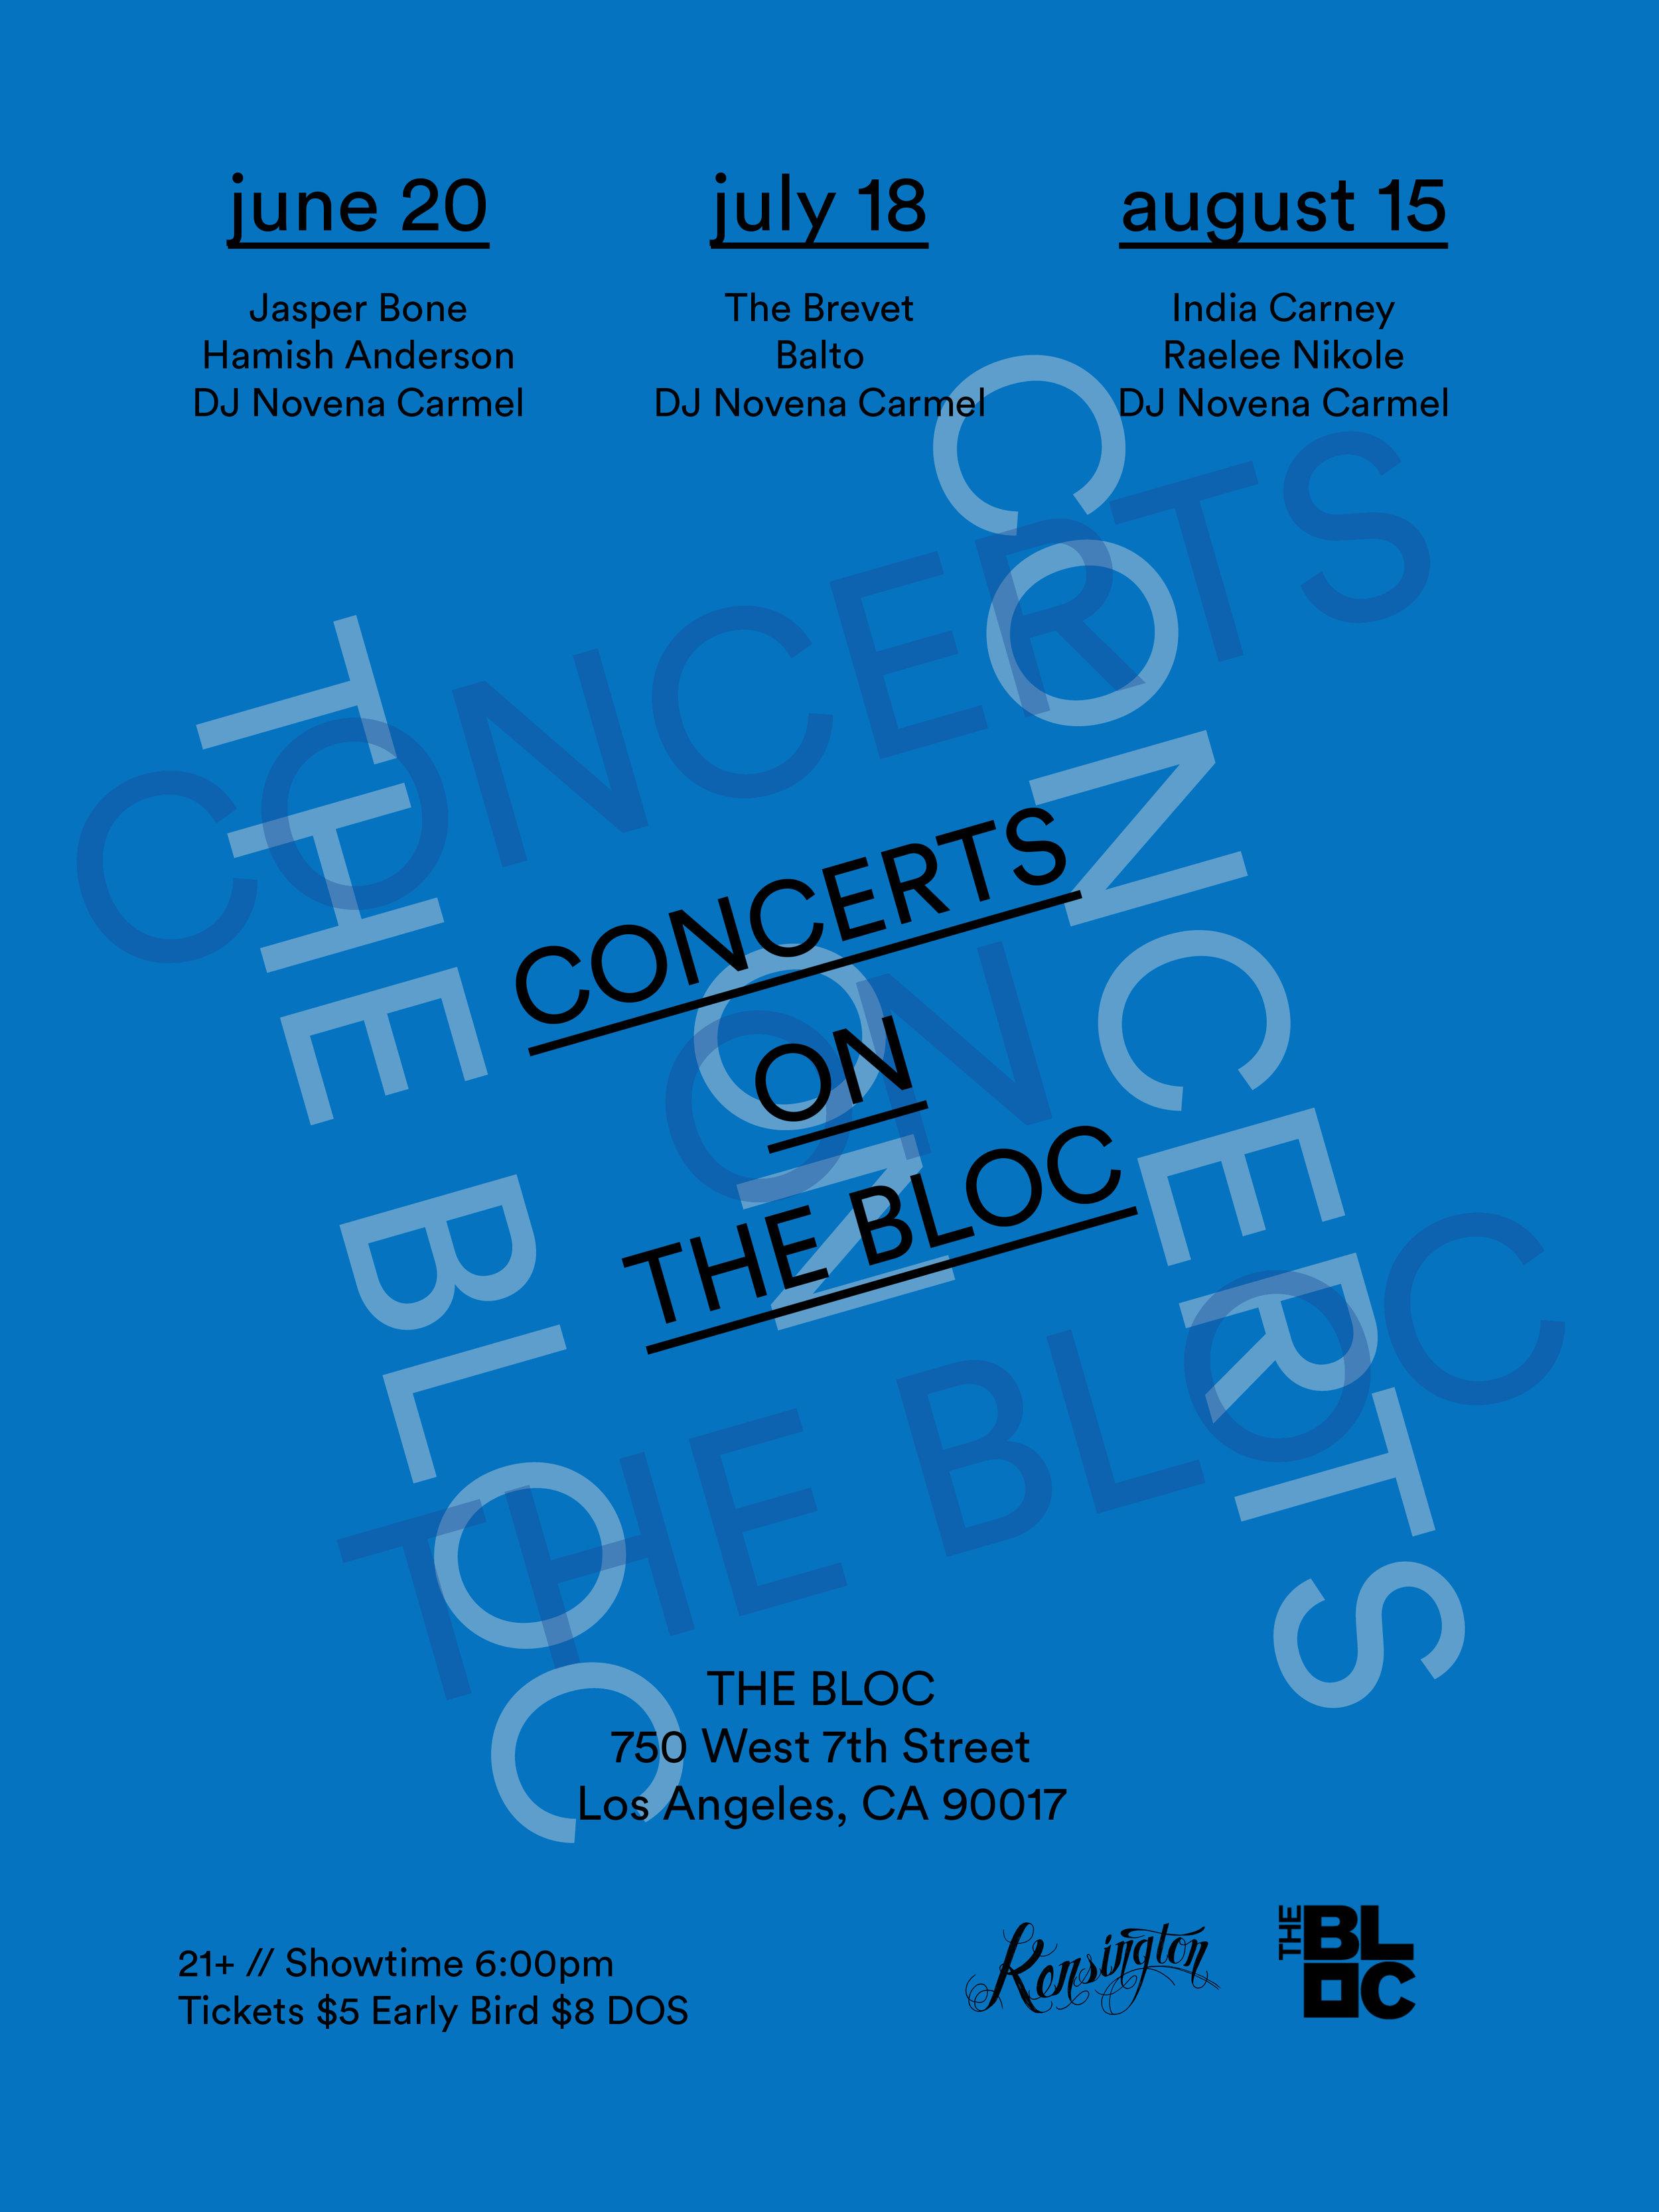 concertsonthebloc_mailchimp copy.jpg